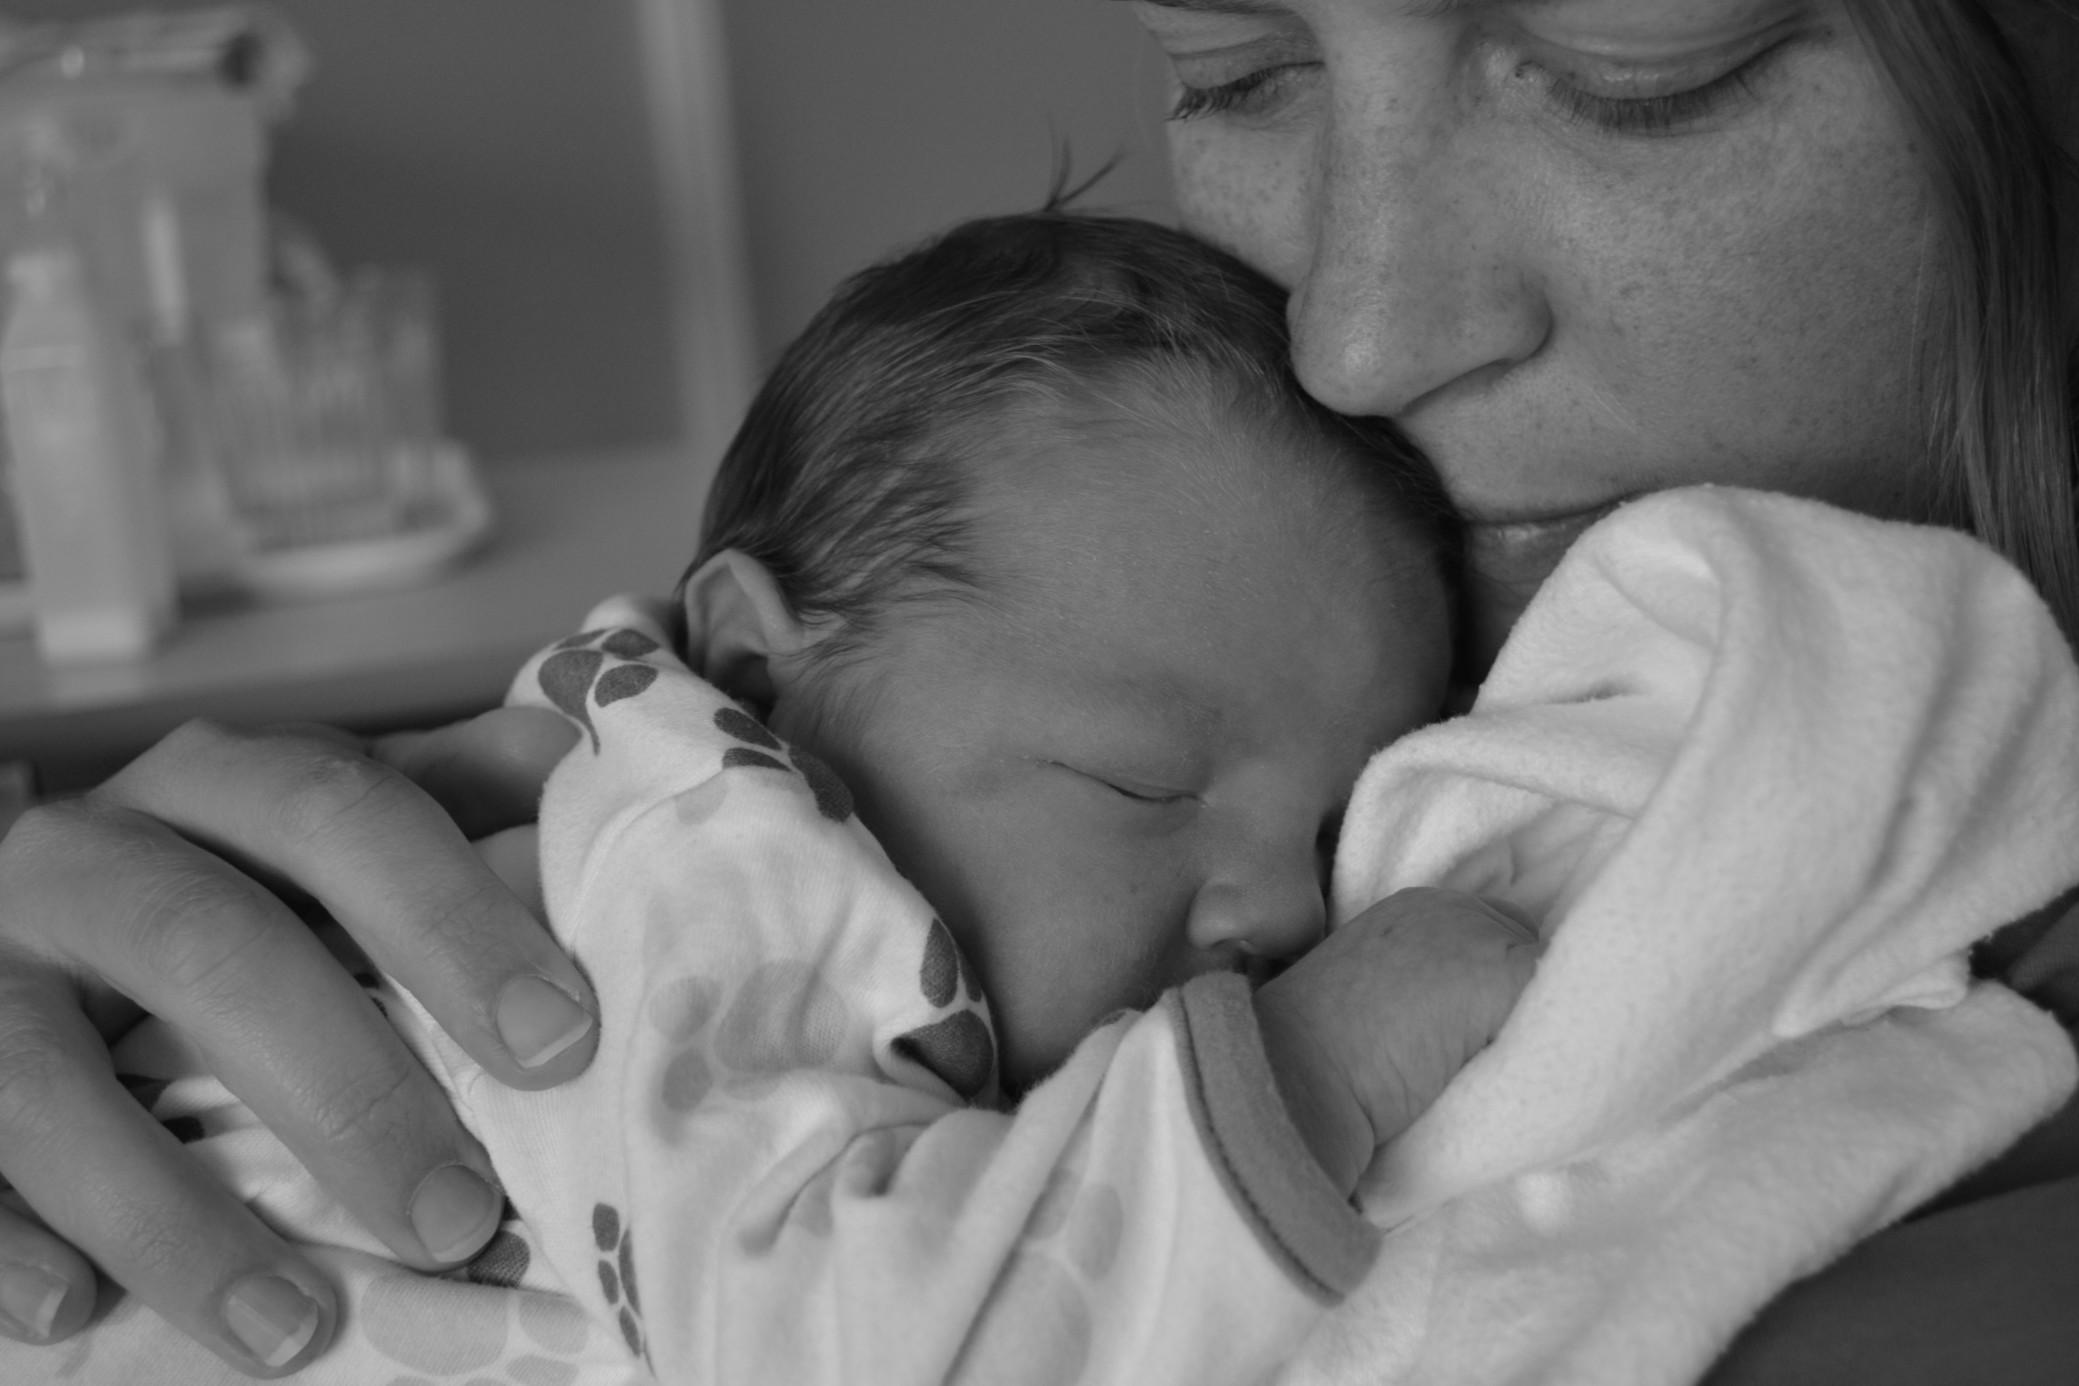 Les bienfaits du portage de bébé pour la complicité parent-enfant